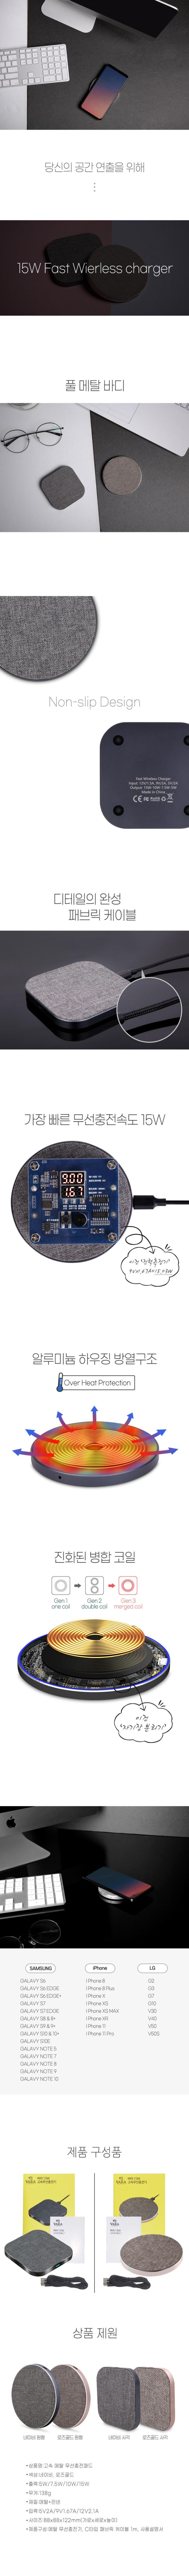 [공유] 바라 15W 패브릭 메탈 고속 무선충전기 체험단 모집 (10명)